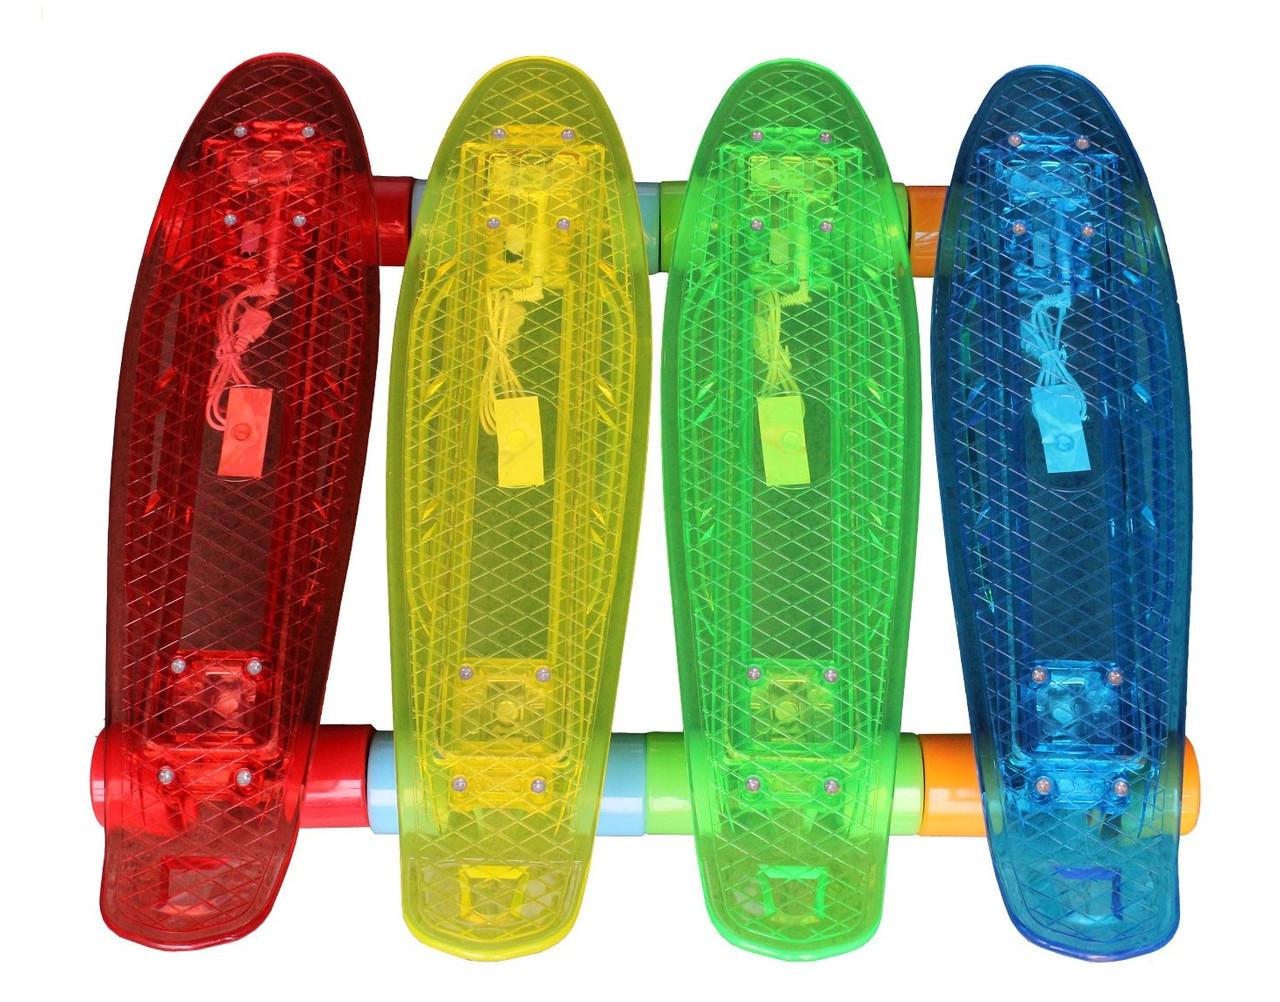 Пенни борд/Penny Board Original 22, светодиодная доска+USB кабель в комплекте, разн. цвета.